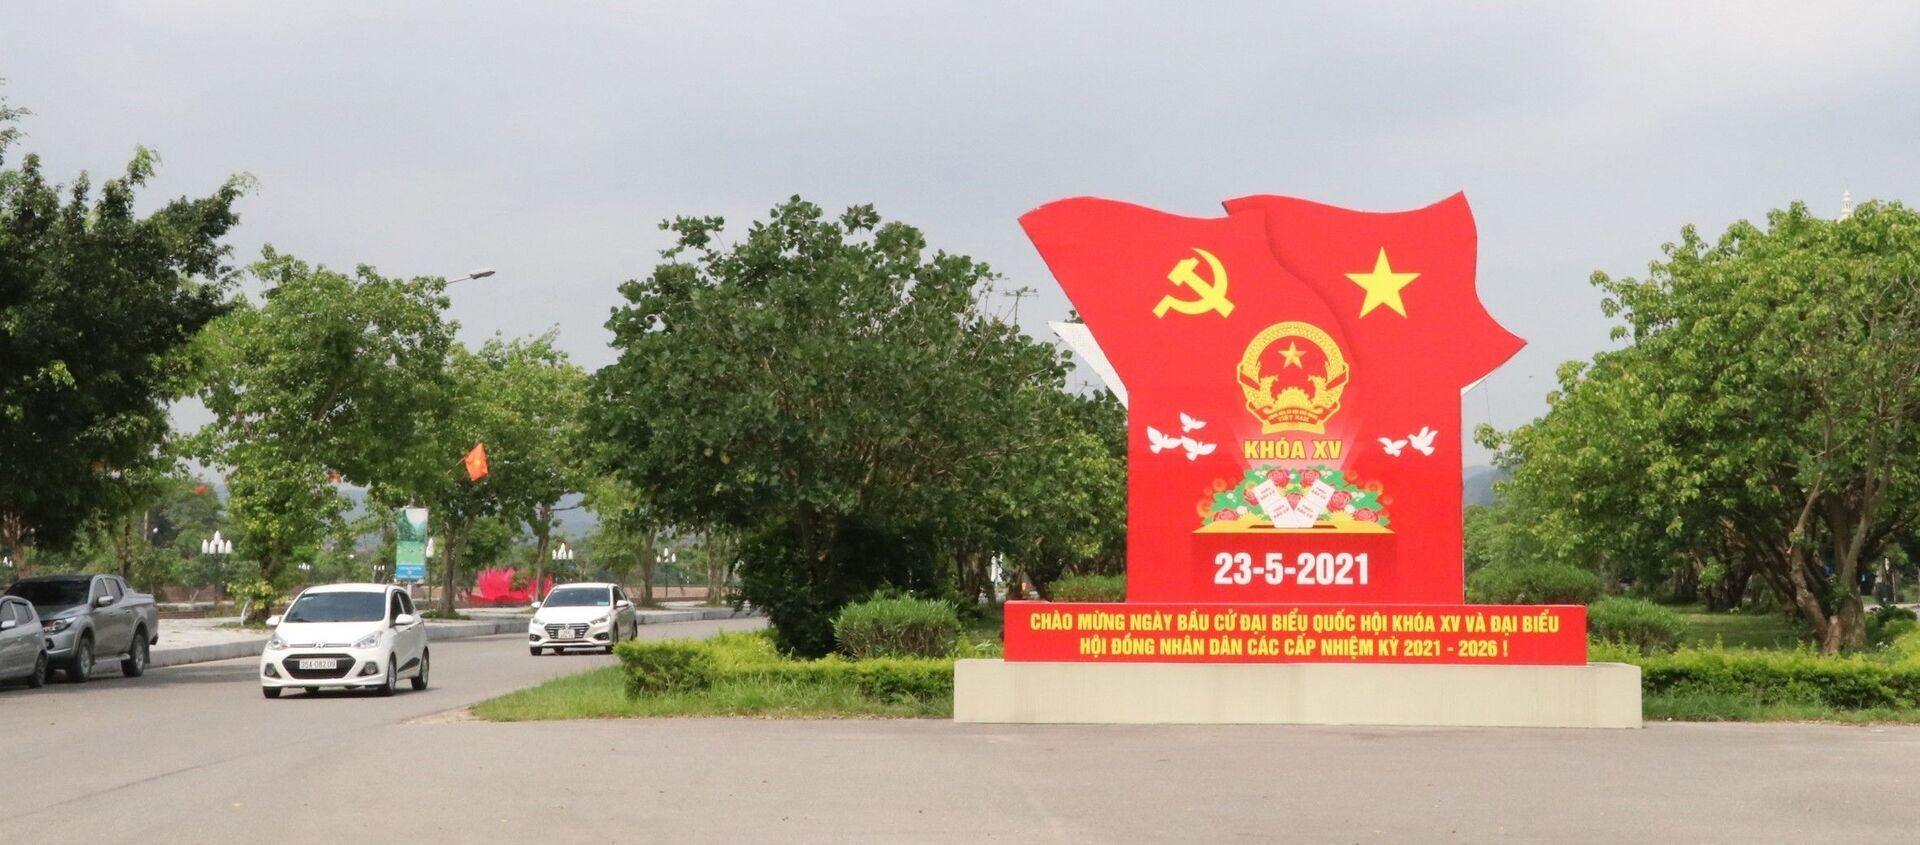 Đẩy mạnh tuyên truyền trực quan về bầu cử trên trục đường Tràng An, thành phố Ninh Bình. - Sputnik Việt Nam, 1920, 20.05.2021